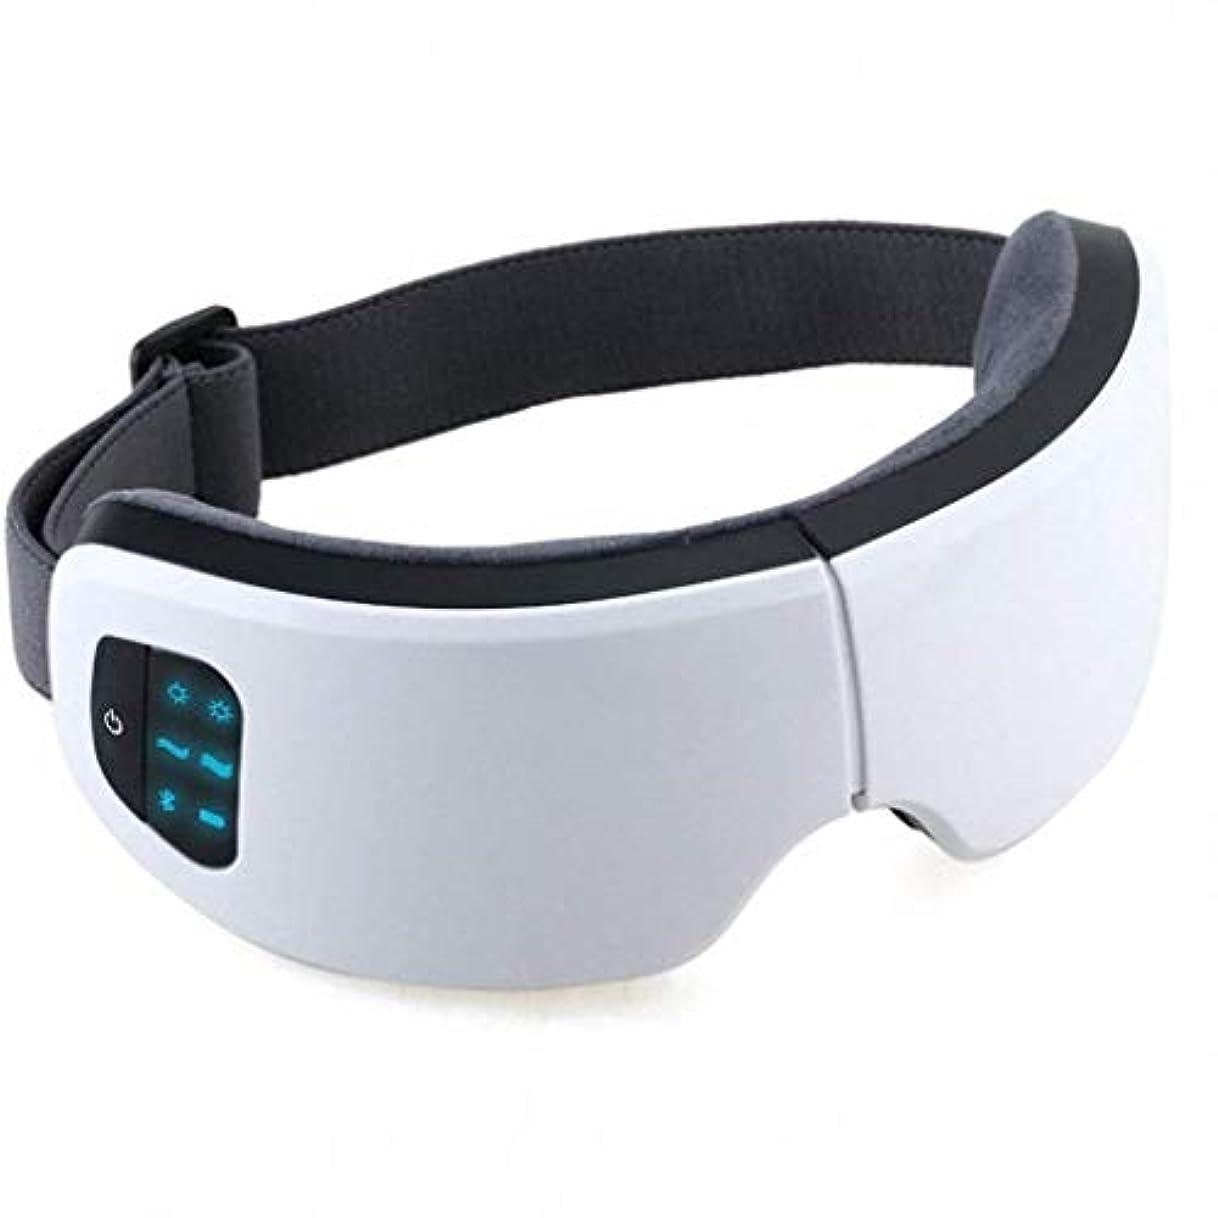 エンゲージメント内向き故障中電動アイマスク、アイマッサージャー、折りたたみ式USB充電式スマートデコンプレッションマシン、ワイヤレスBluetoothポータブル、目の疲れを和らげる、ダークサークル、アイバッグ、美容機器